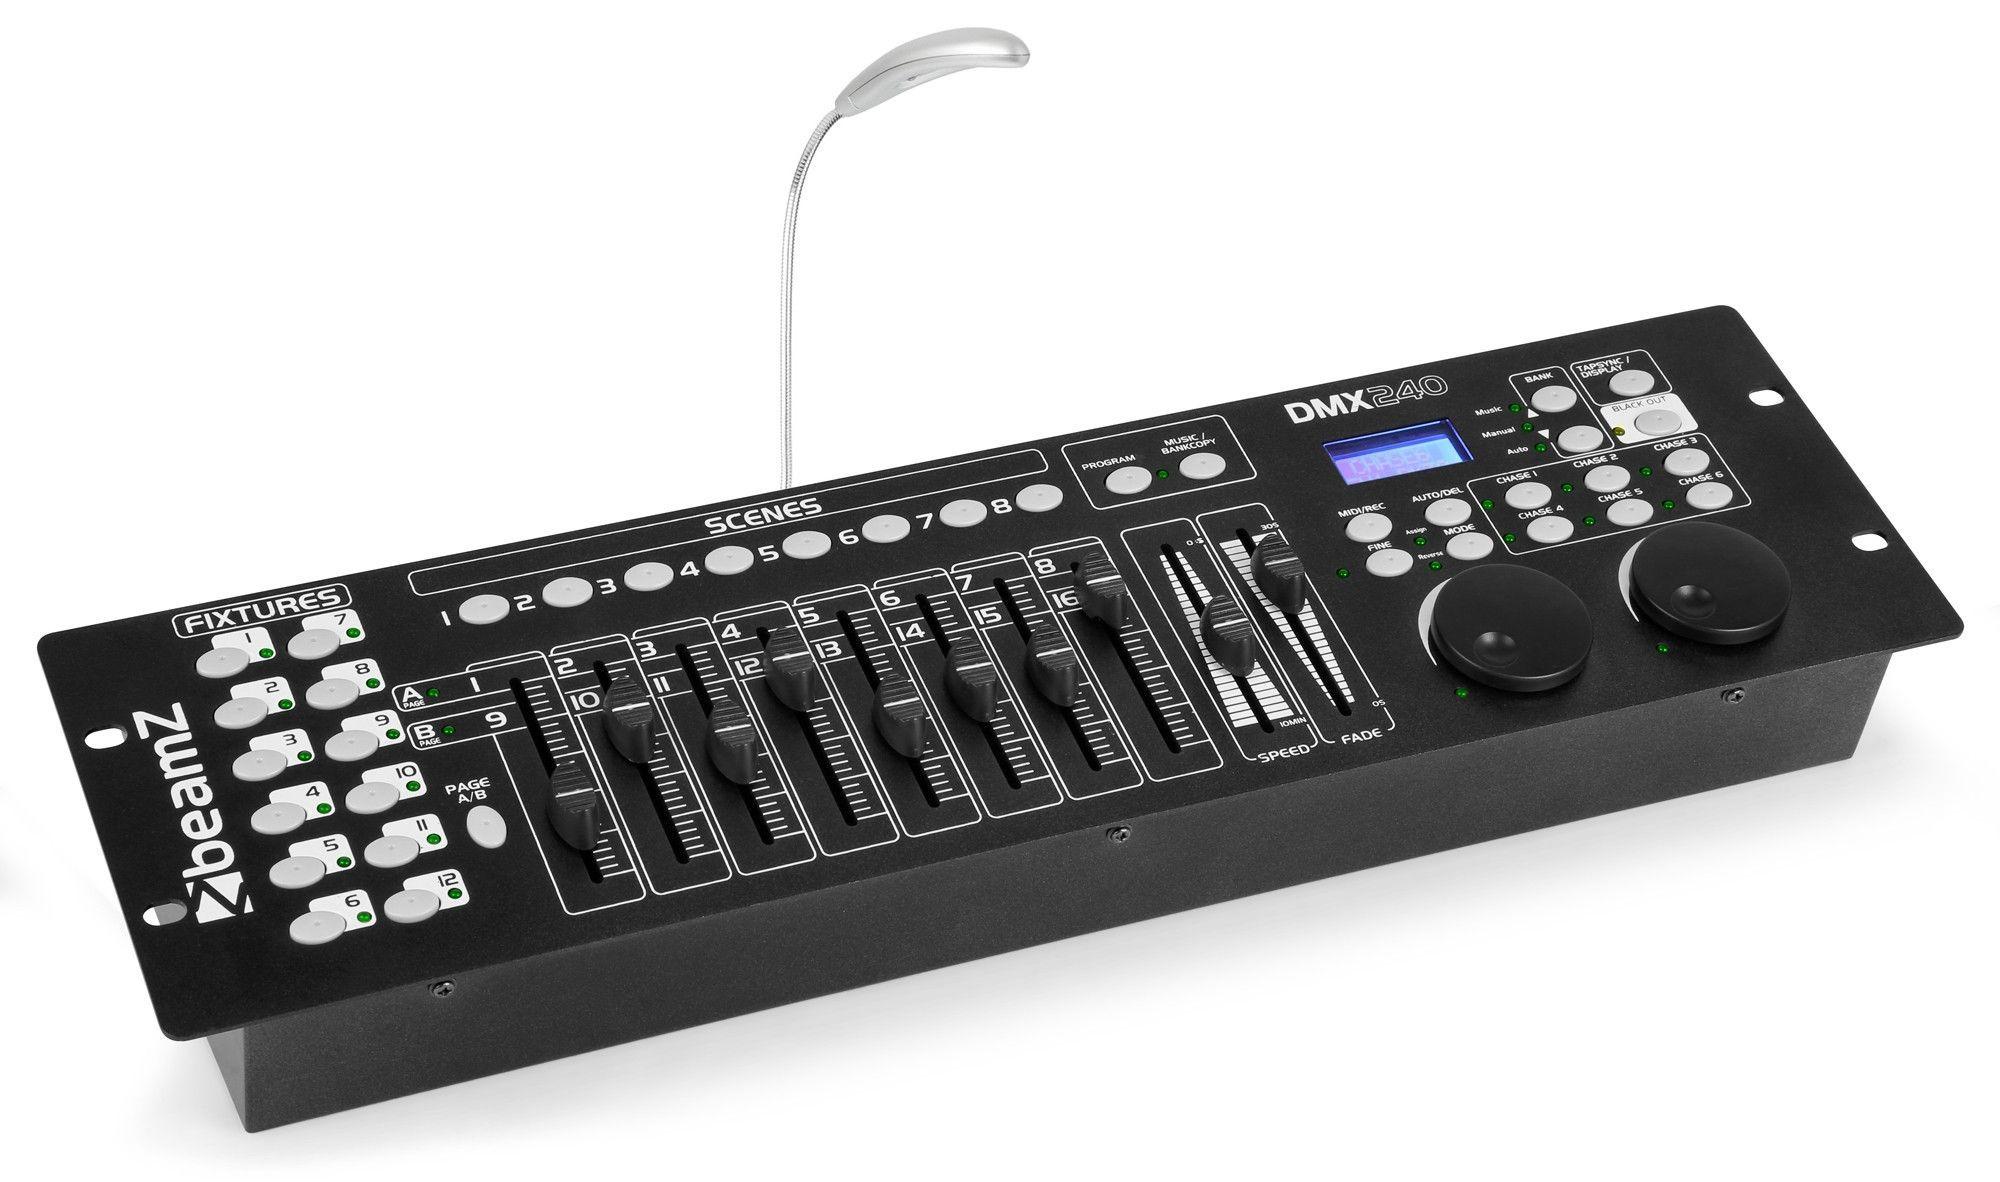 Afbeelding van 2e keus - BeamZ DMX240 192 kanaals DMX Controller voor 12 fixtures...